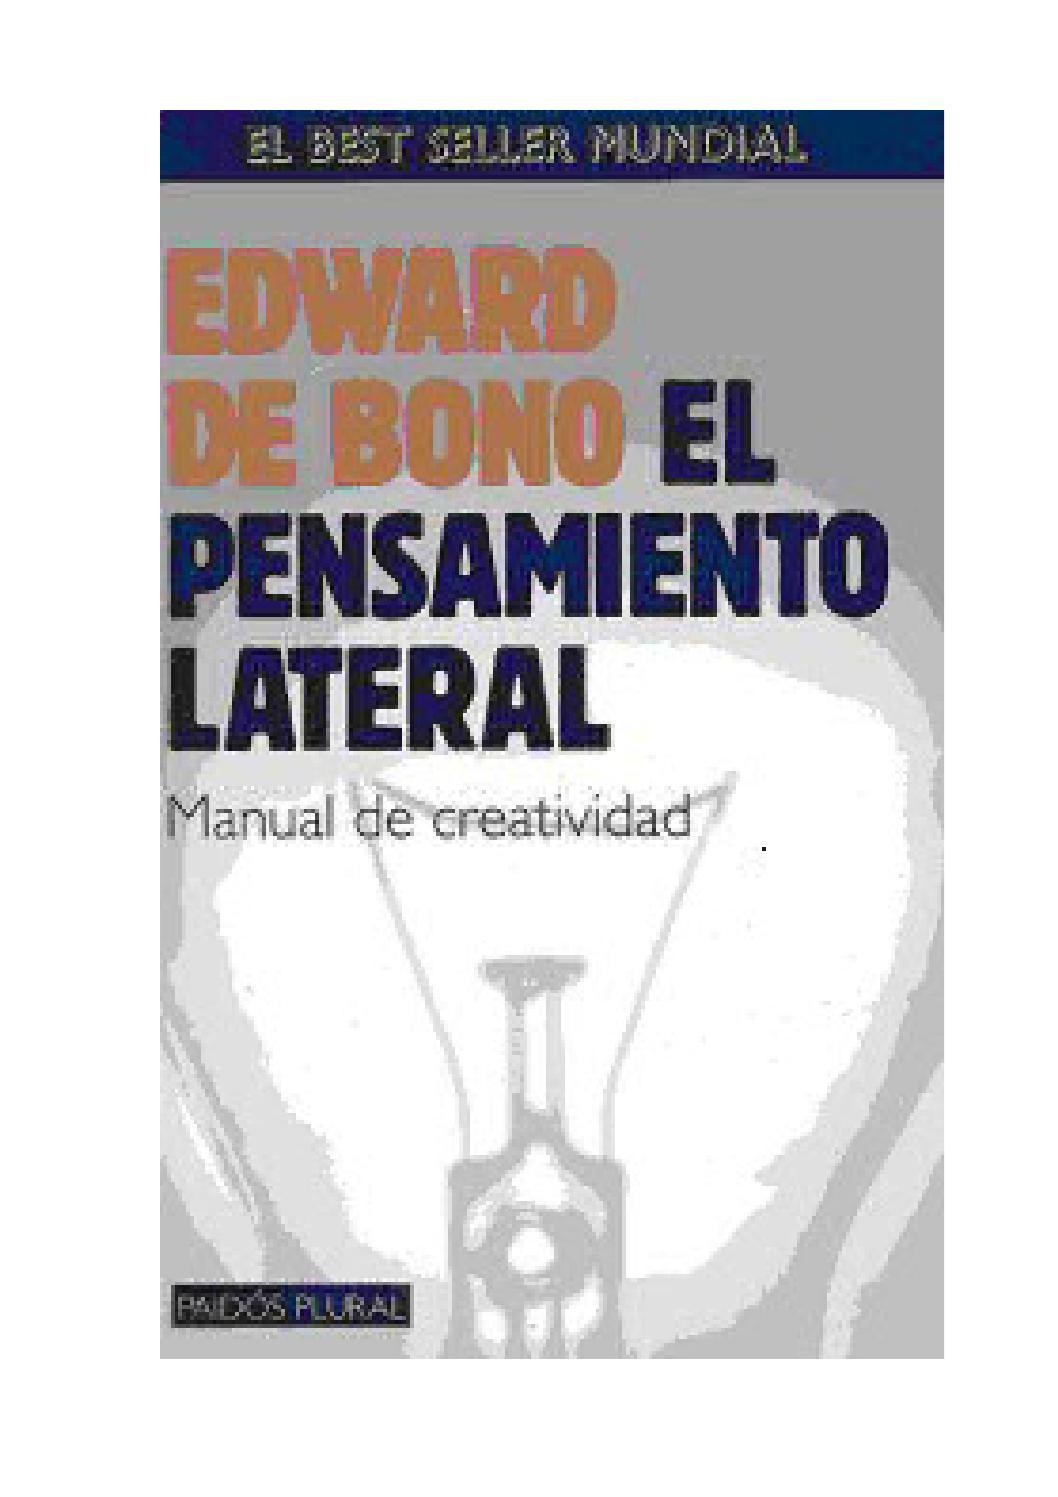 Edward de bono el pensamiento lateral manual de creatividad by ...